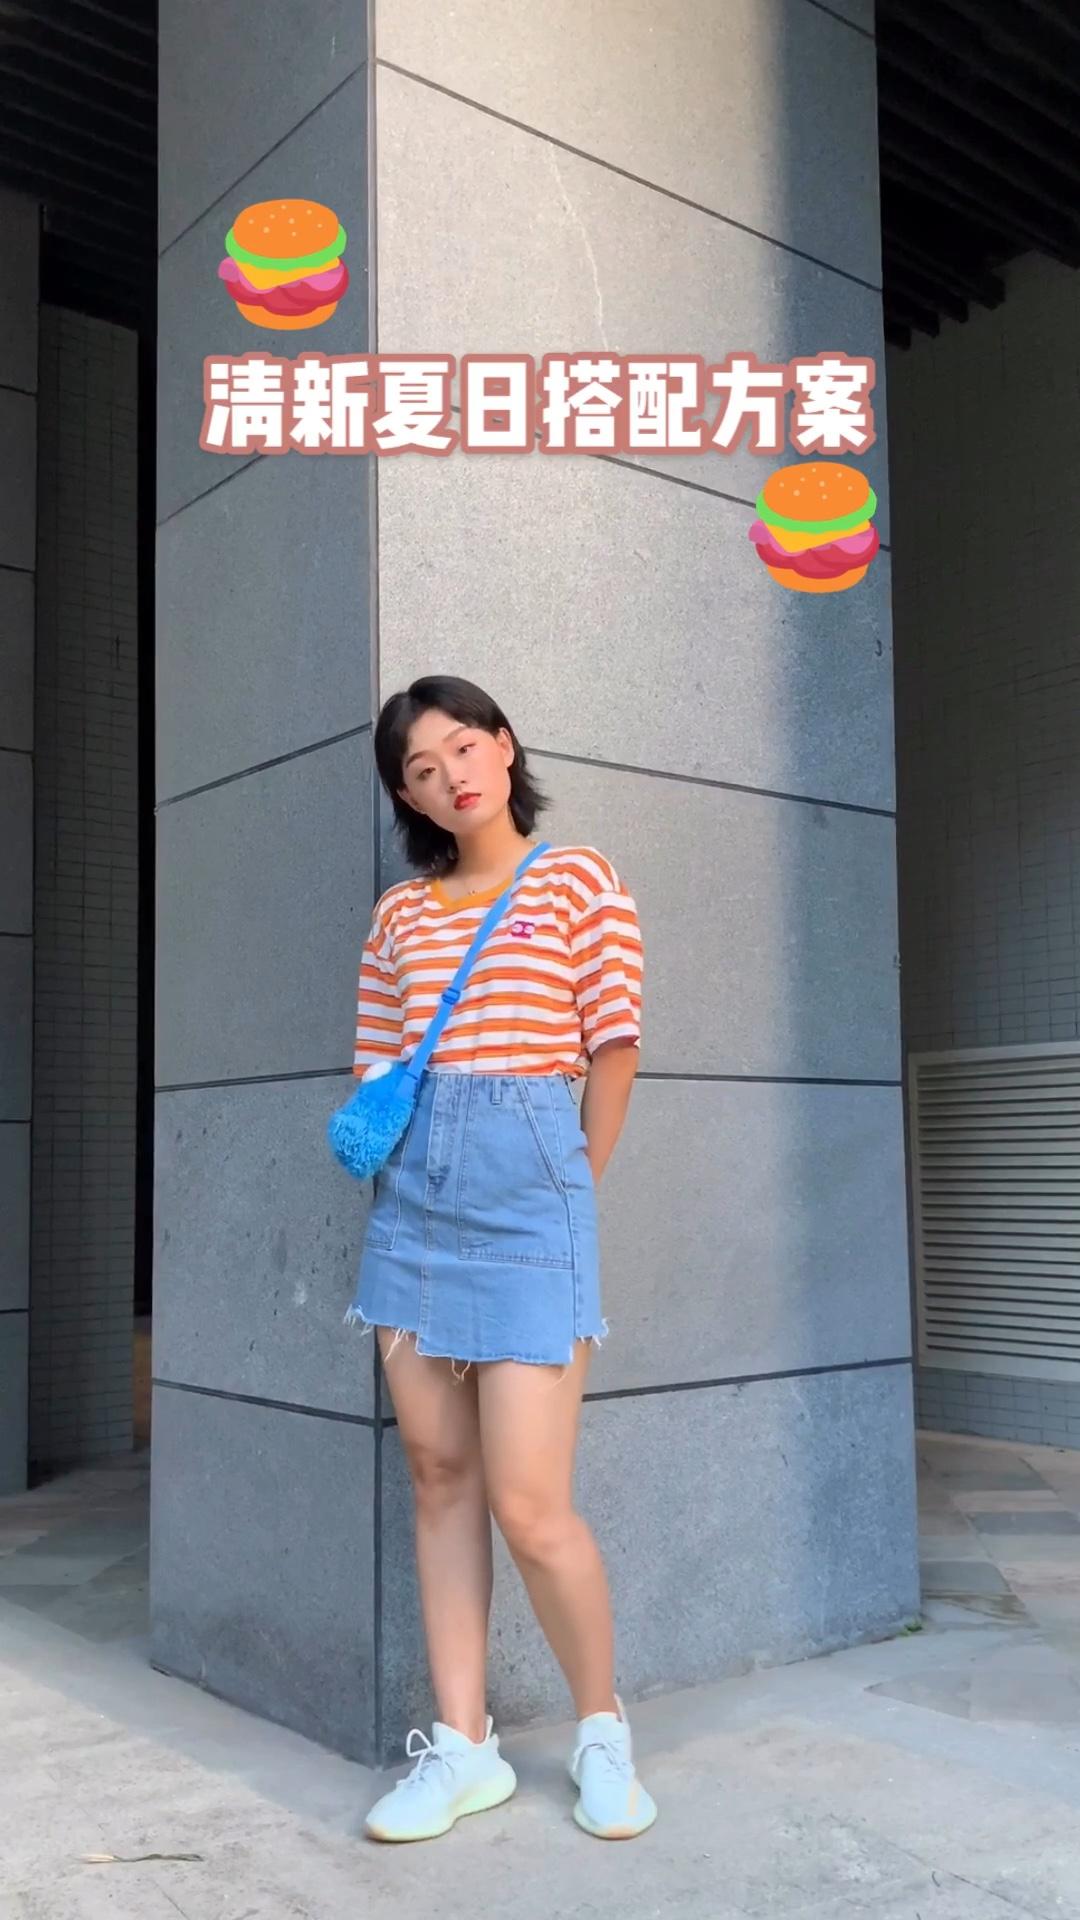 衣橱必备条纹t拥有了没~ 清新的条纹t配浅色牛仔短裙是夏天的味道哦~#偶像剧上头,穿出言情女主?#